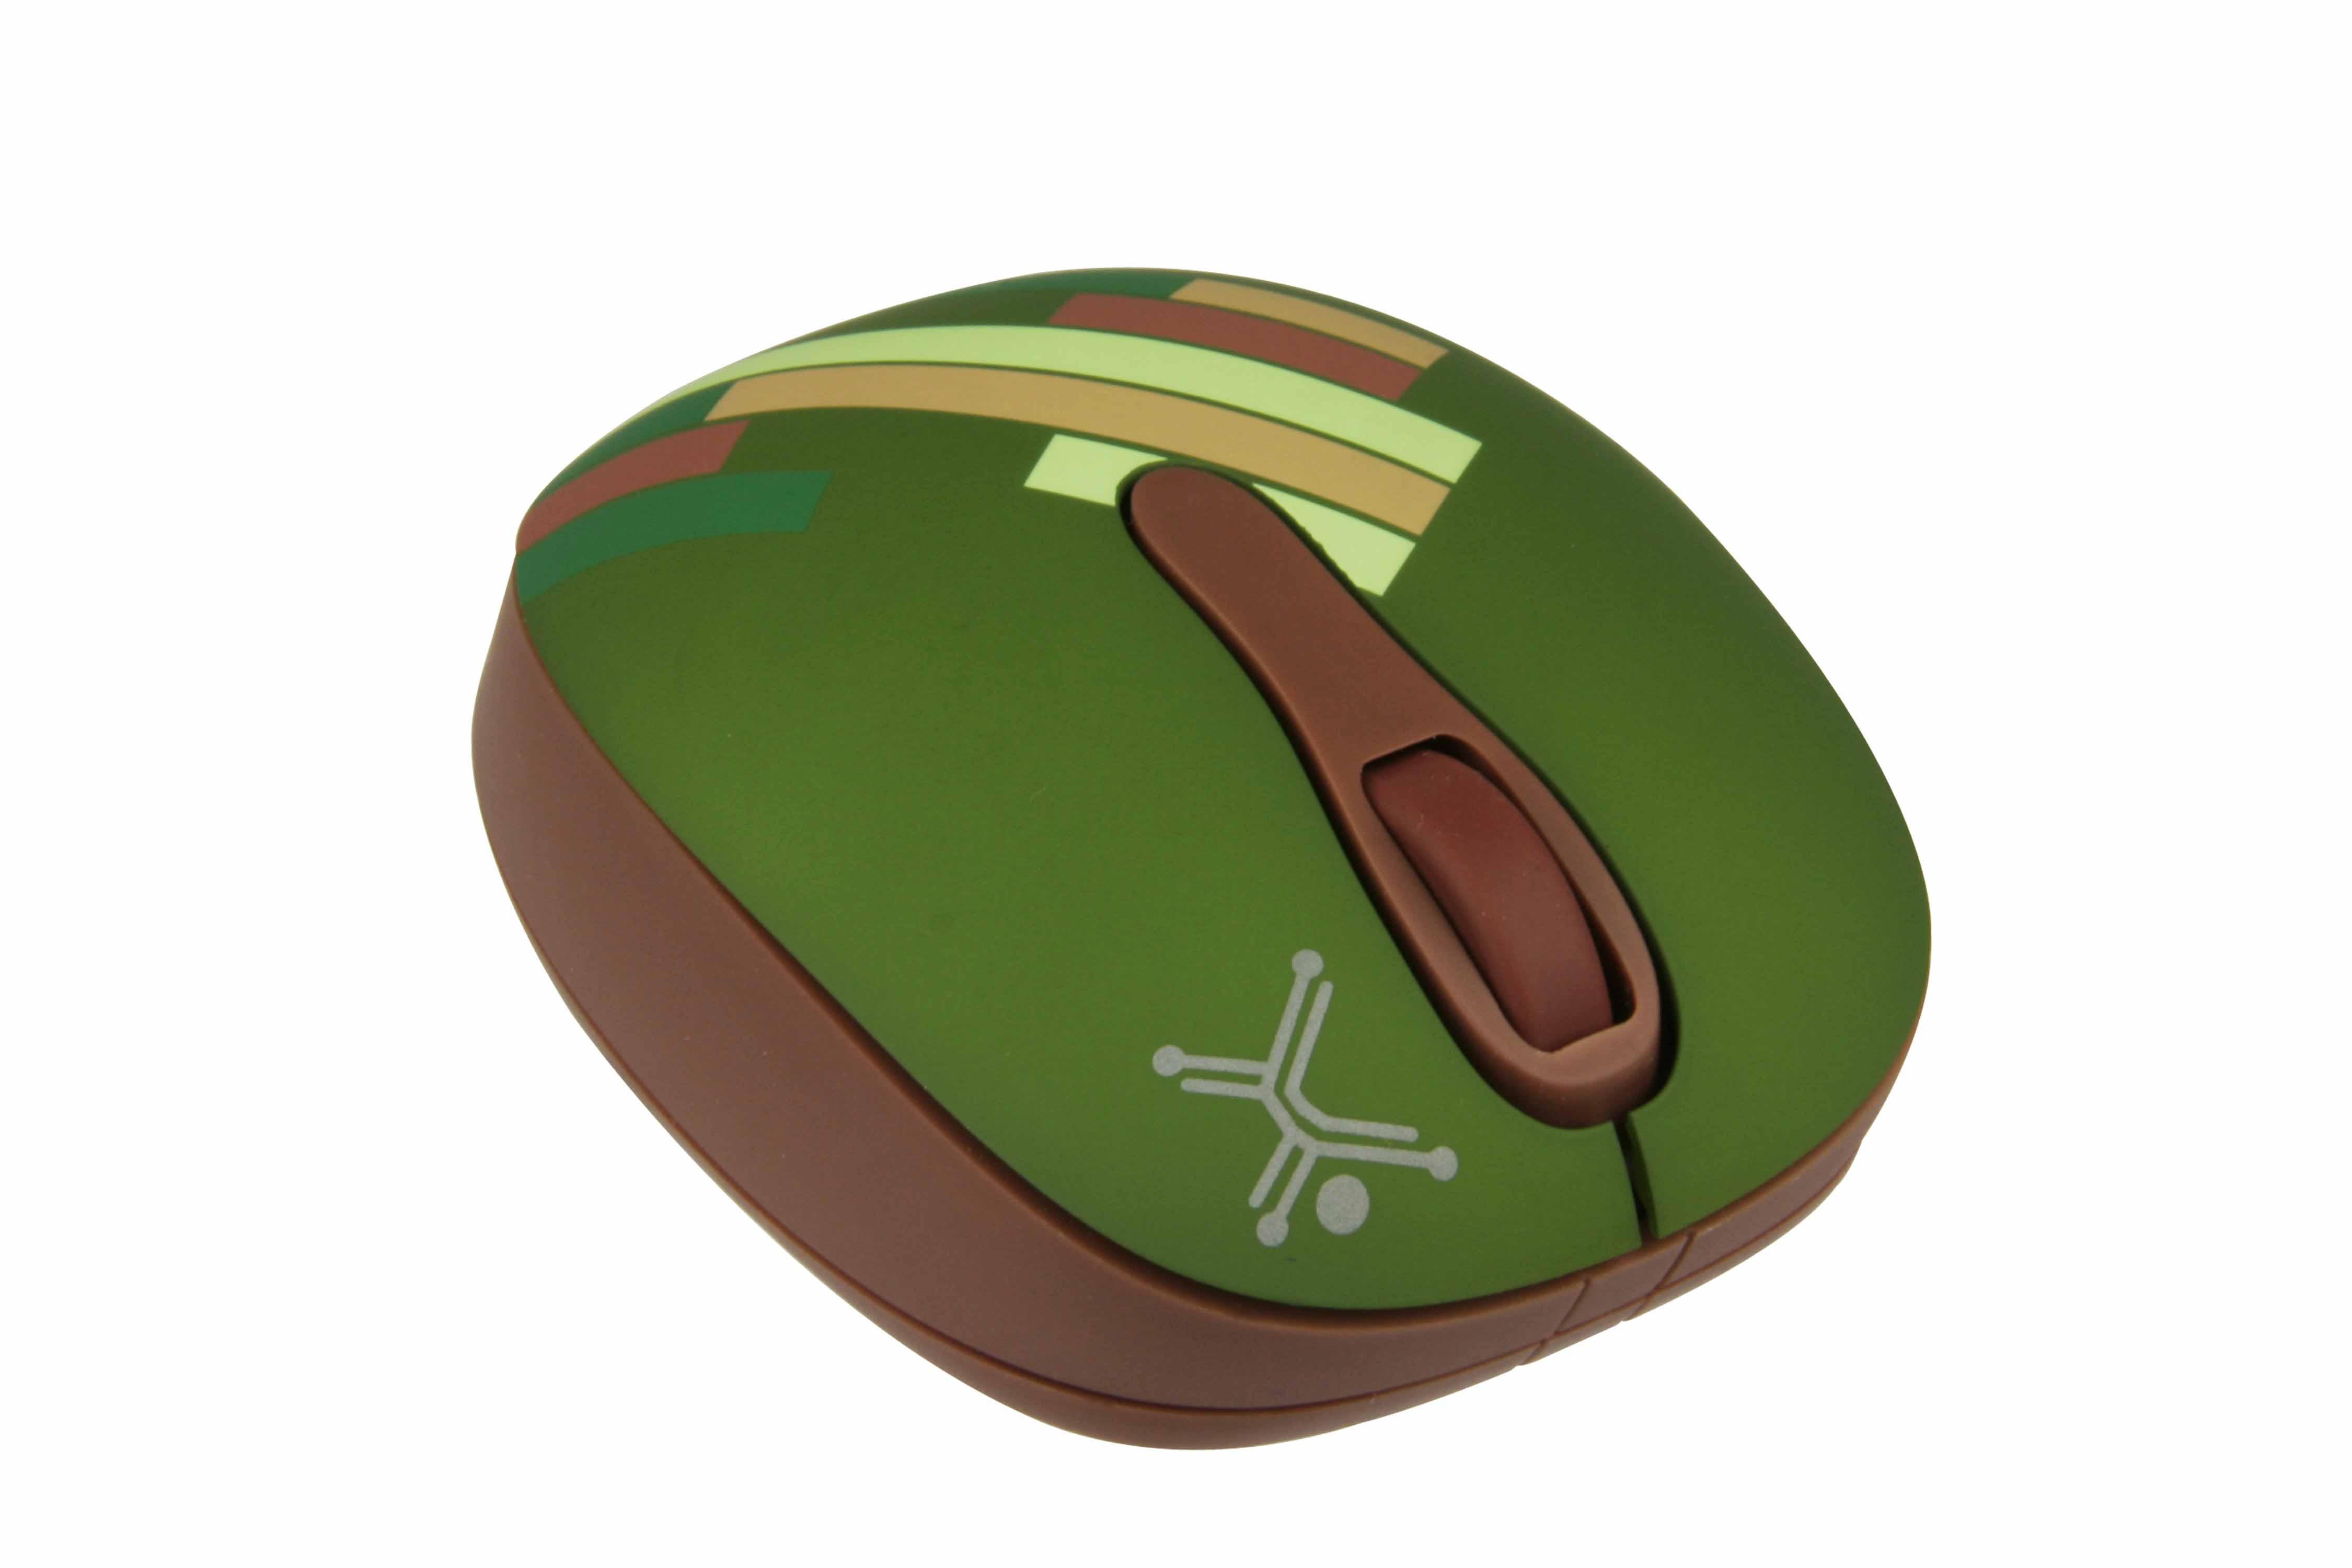 Un mouse con estilo 3